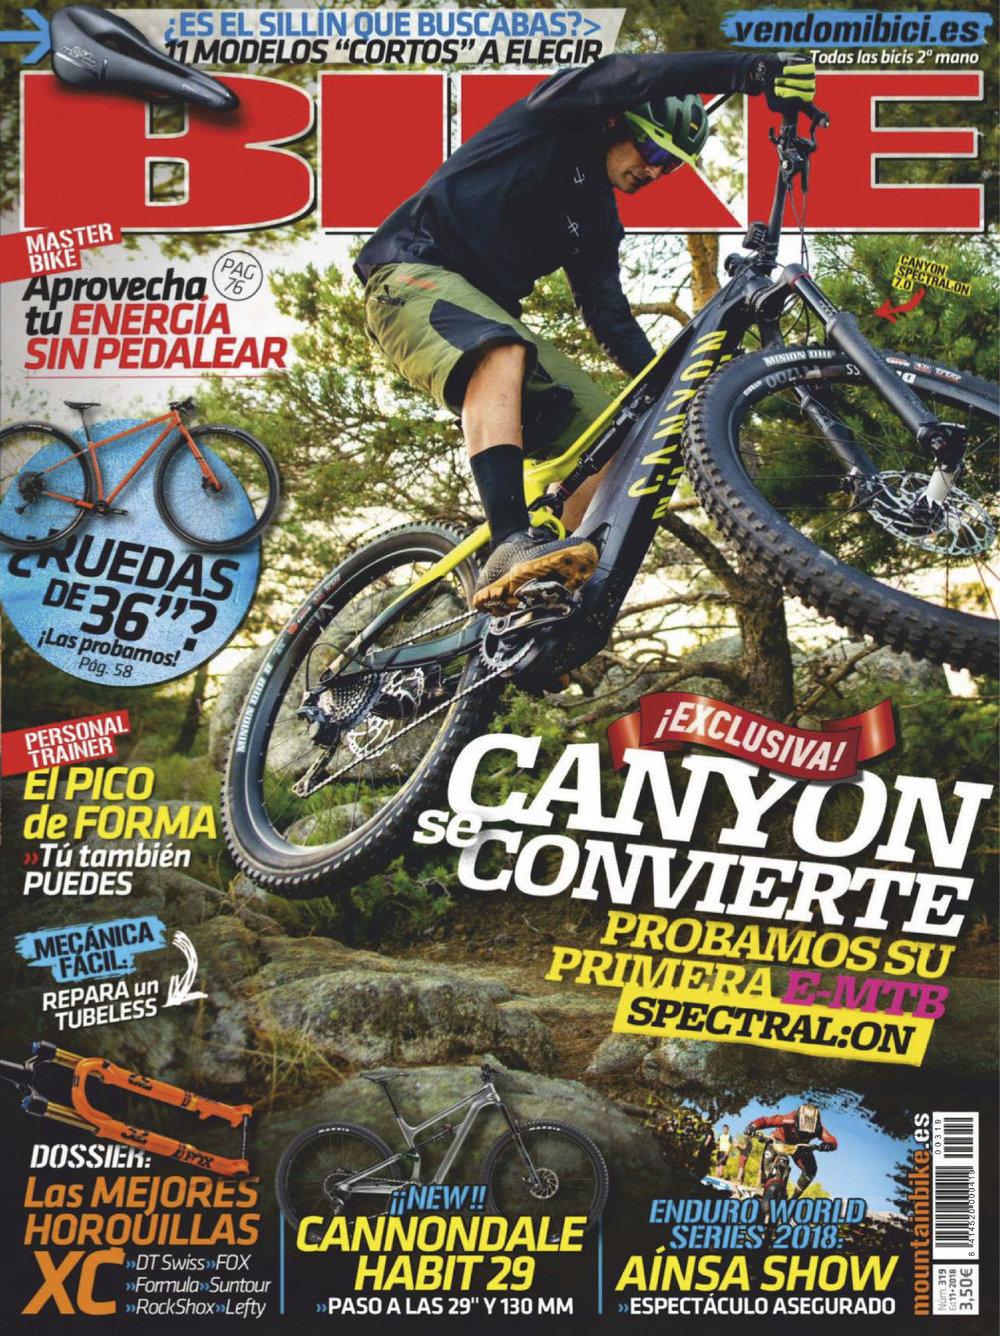 pol_tarres_projects_alps_2018_revista_bike_1-01.jpg